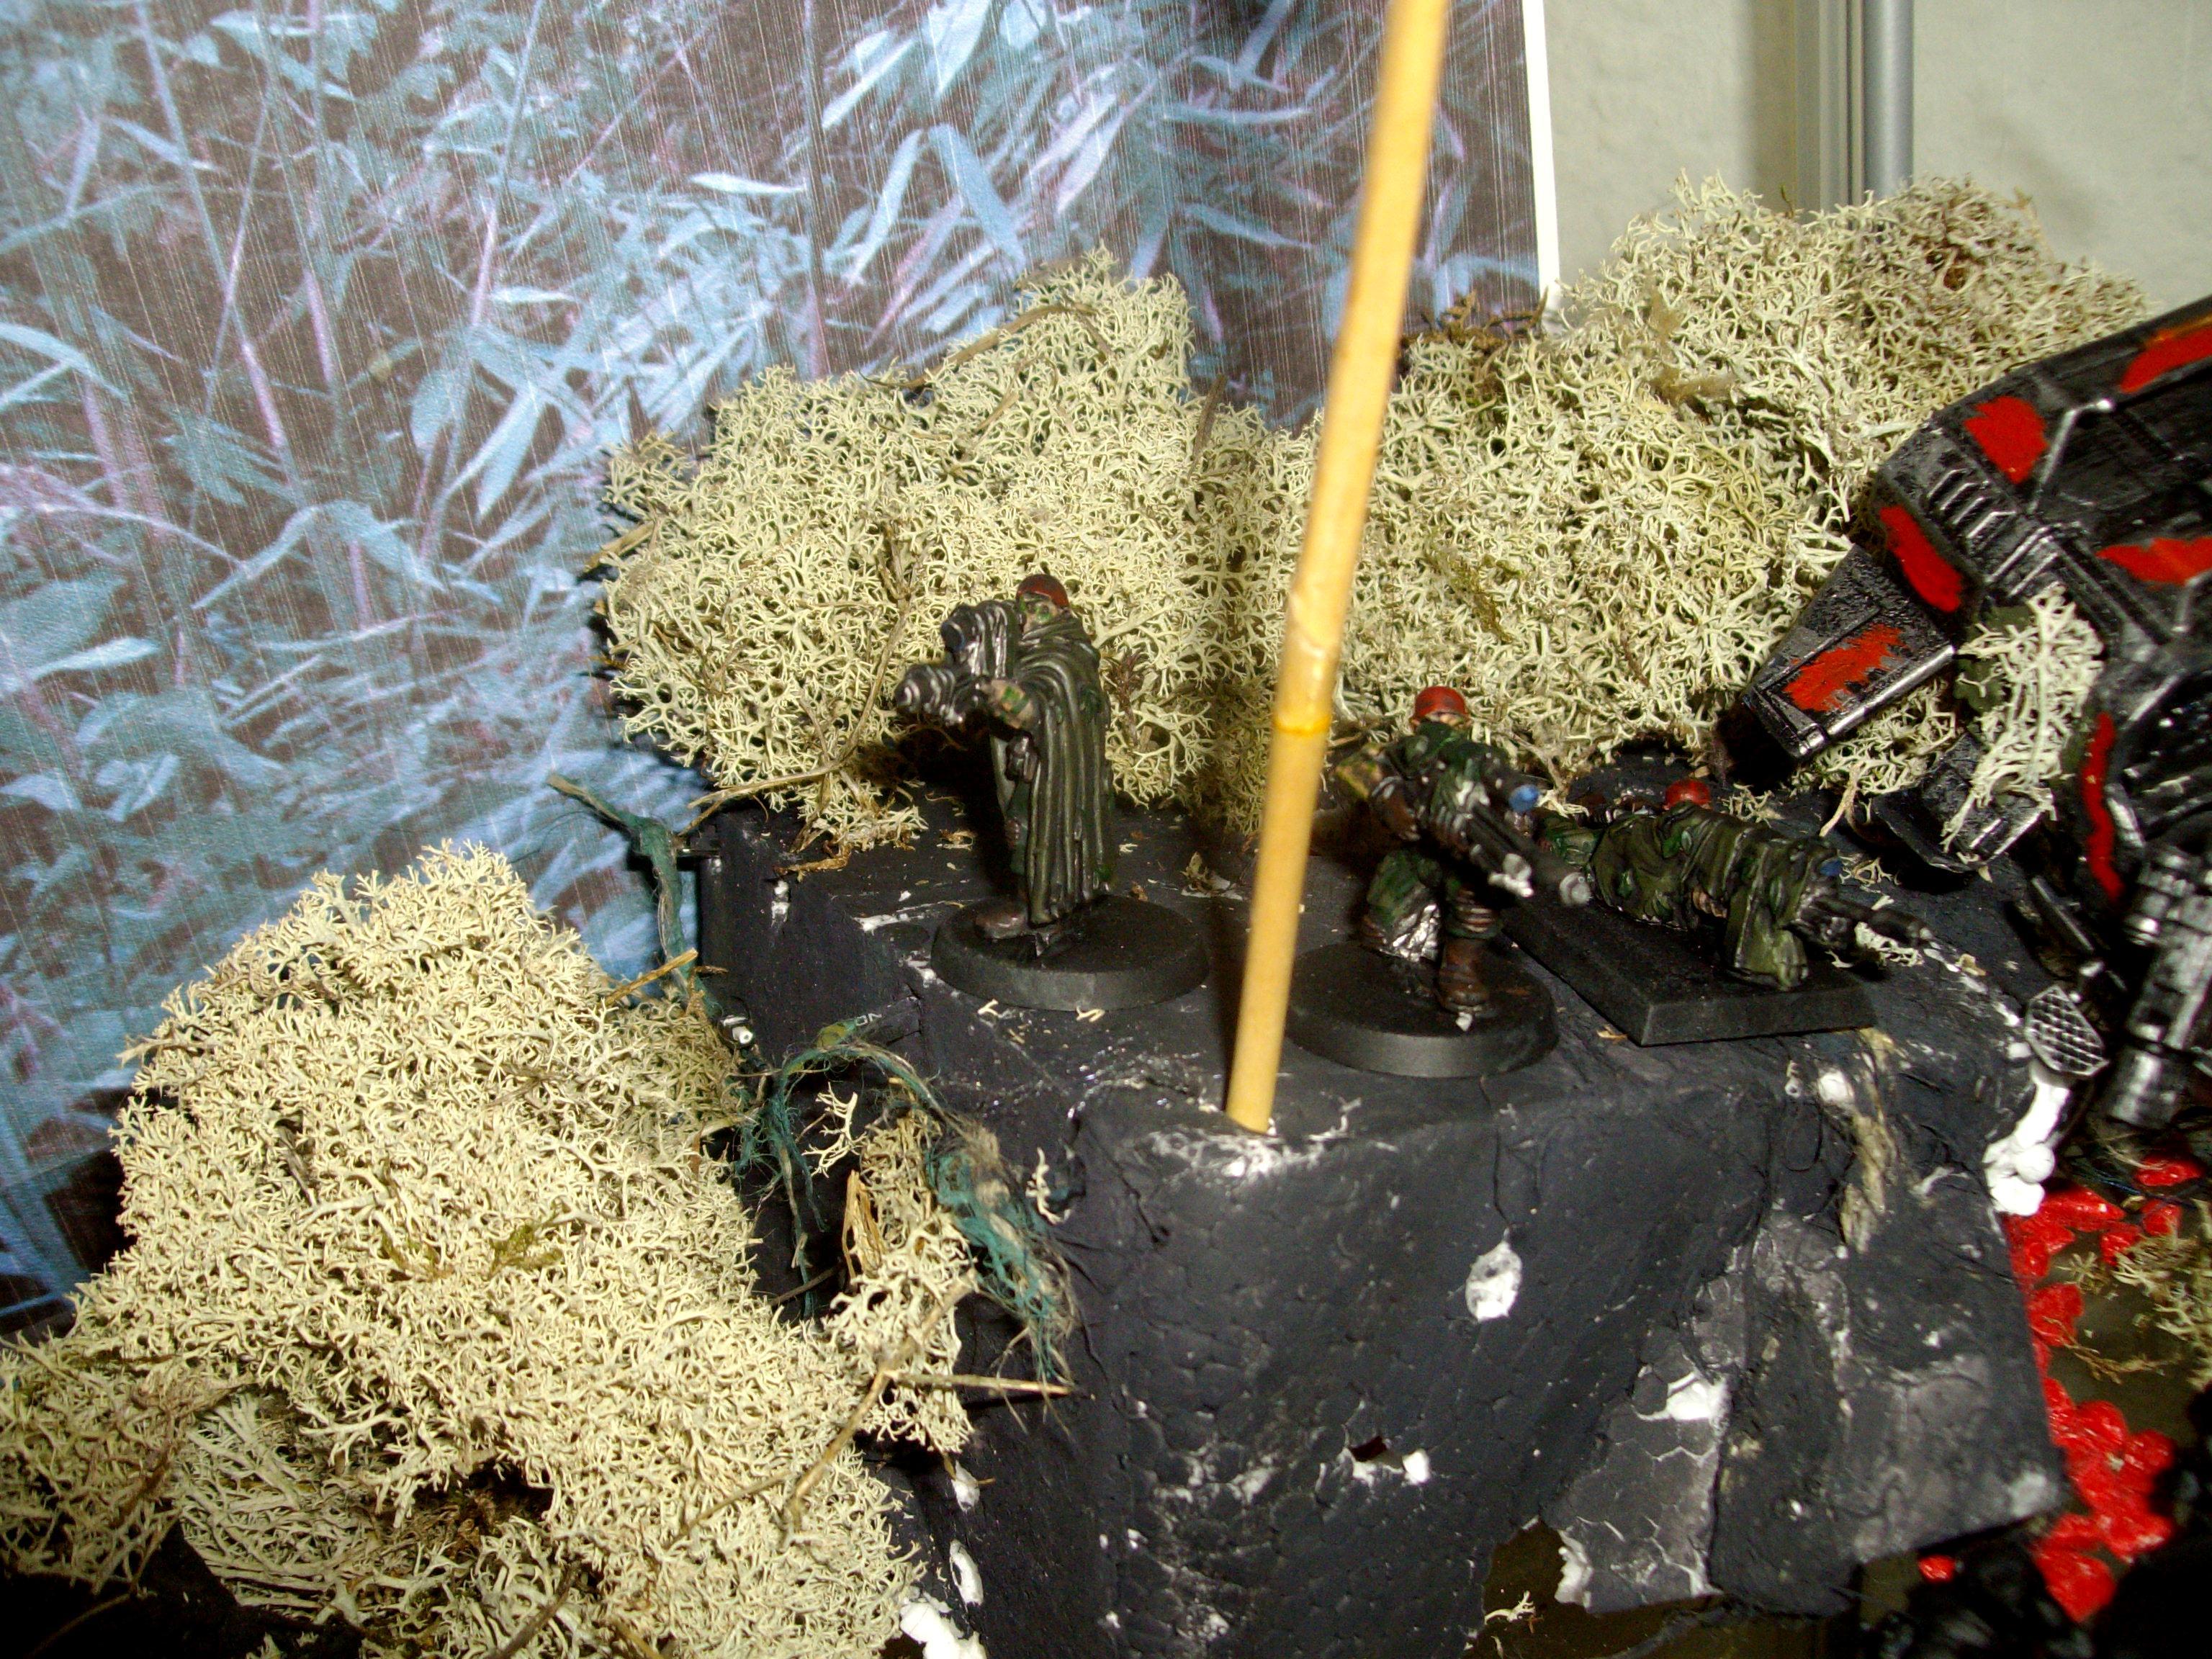 Catachan Snipers, Warhammer 40,000